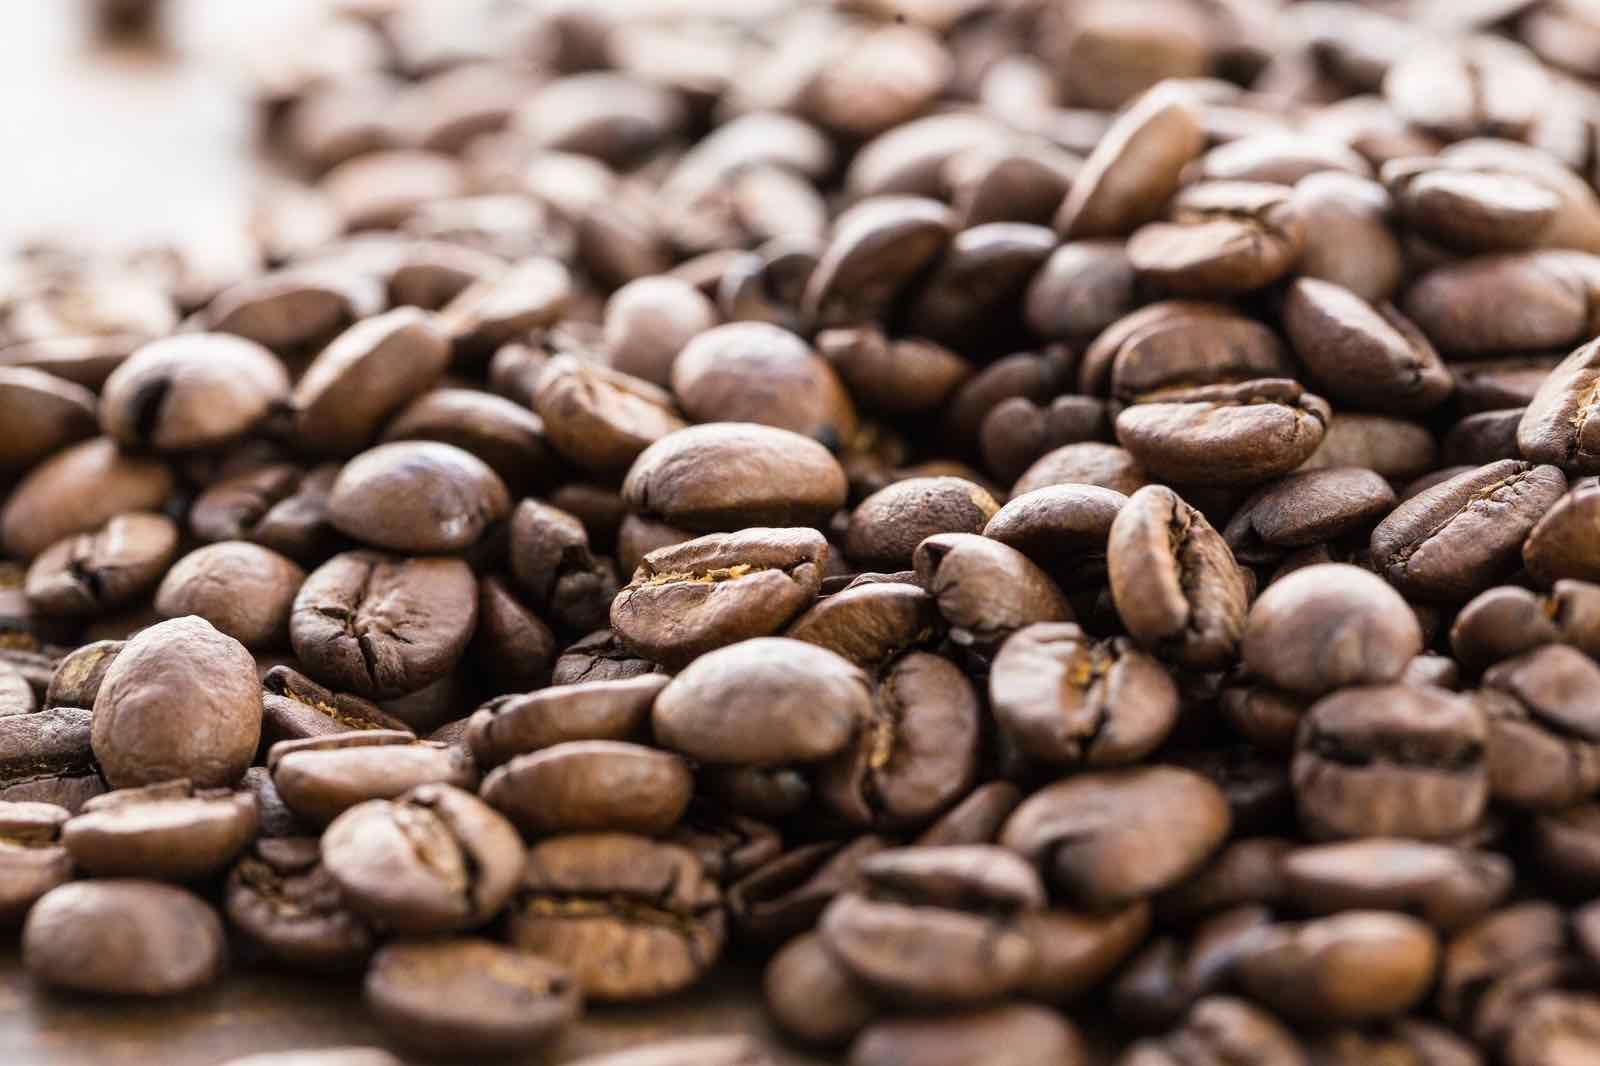 美味しいコーヒー豆が購入できるおすすめのコーヒー専門店一覧